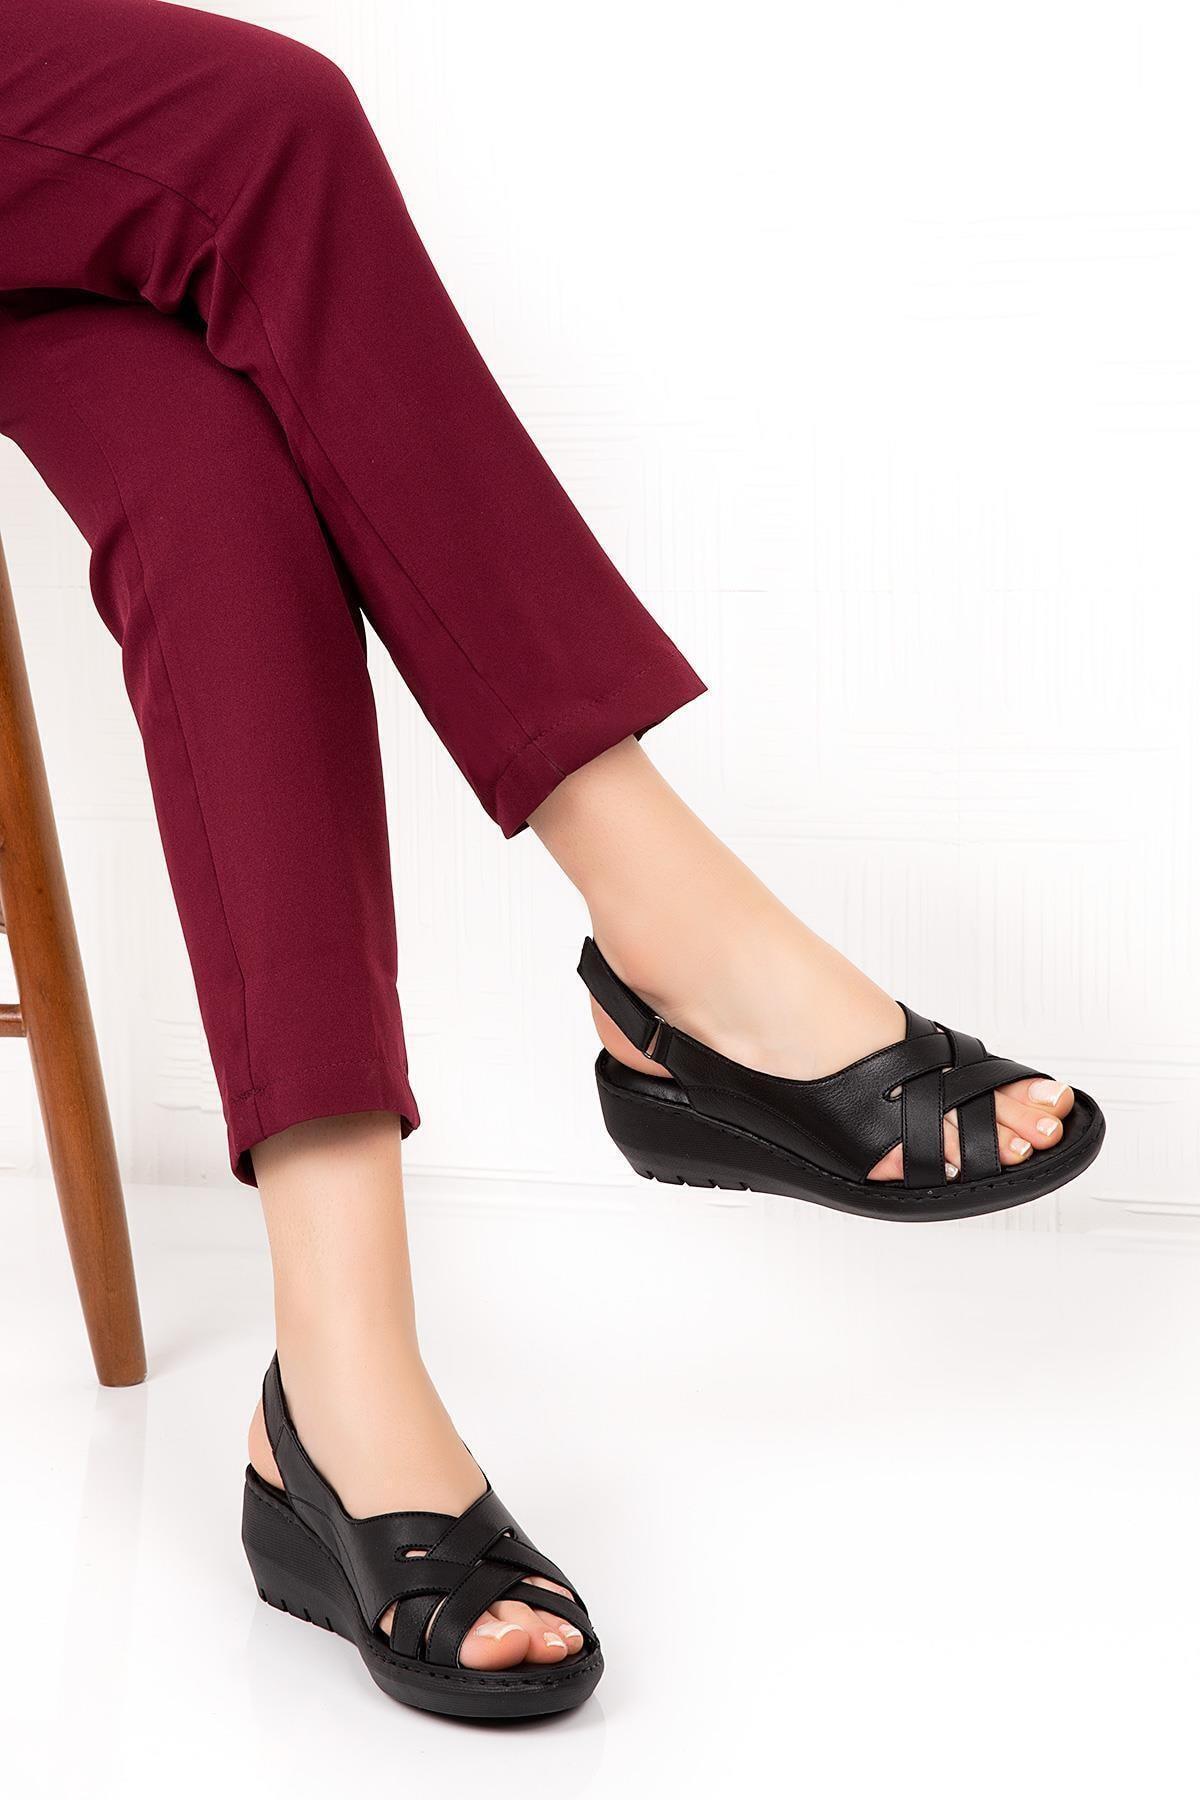 Bellacomfort Shoes Kadın  Siyah Hakiki Deri Dolgu Topuk  Sandalet 1